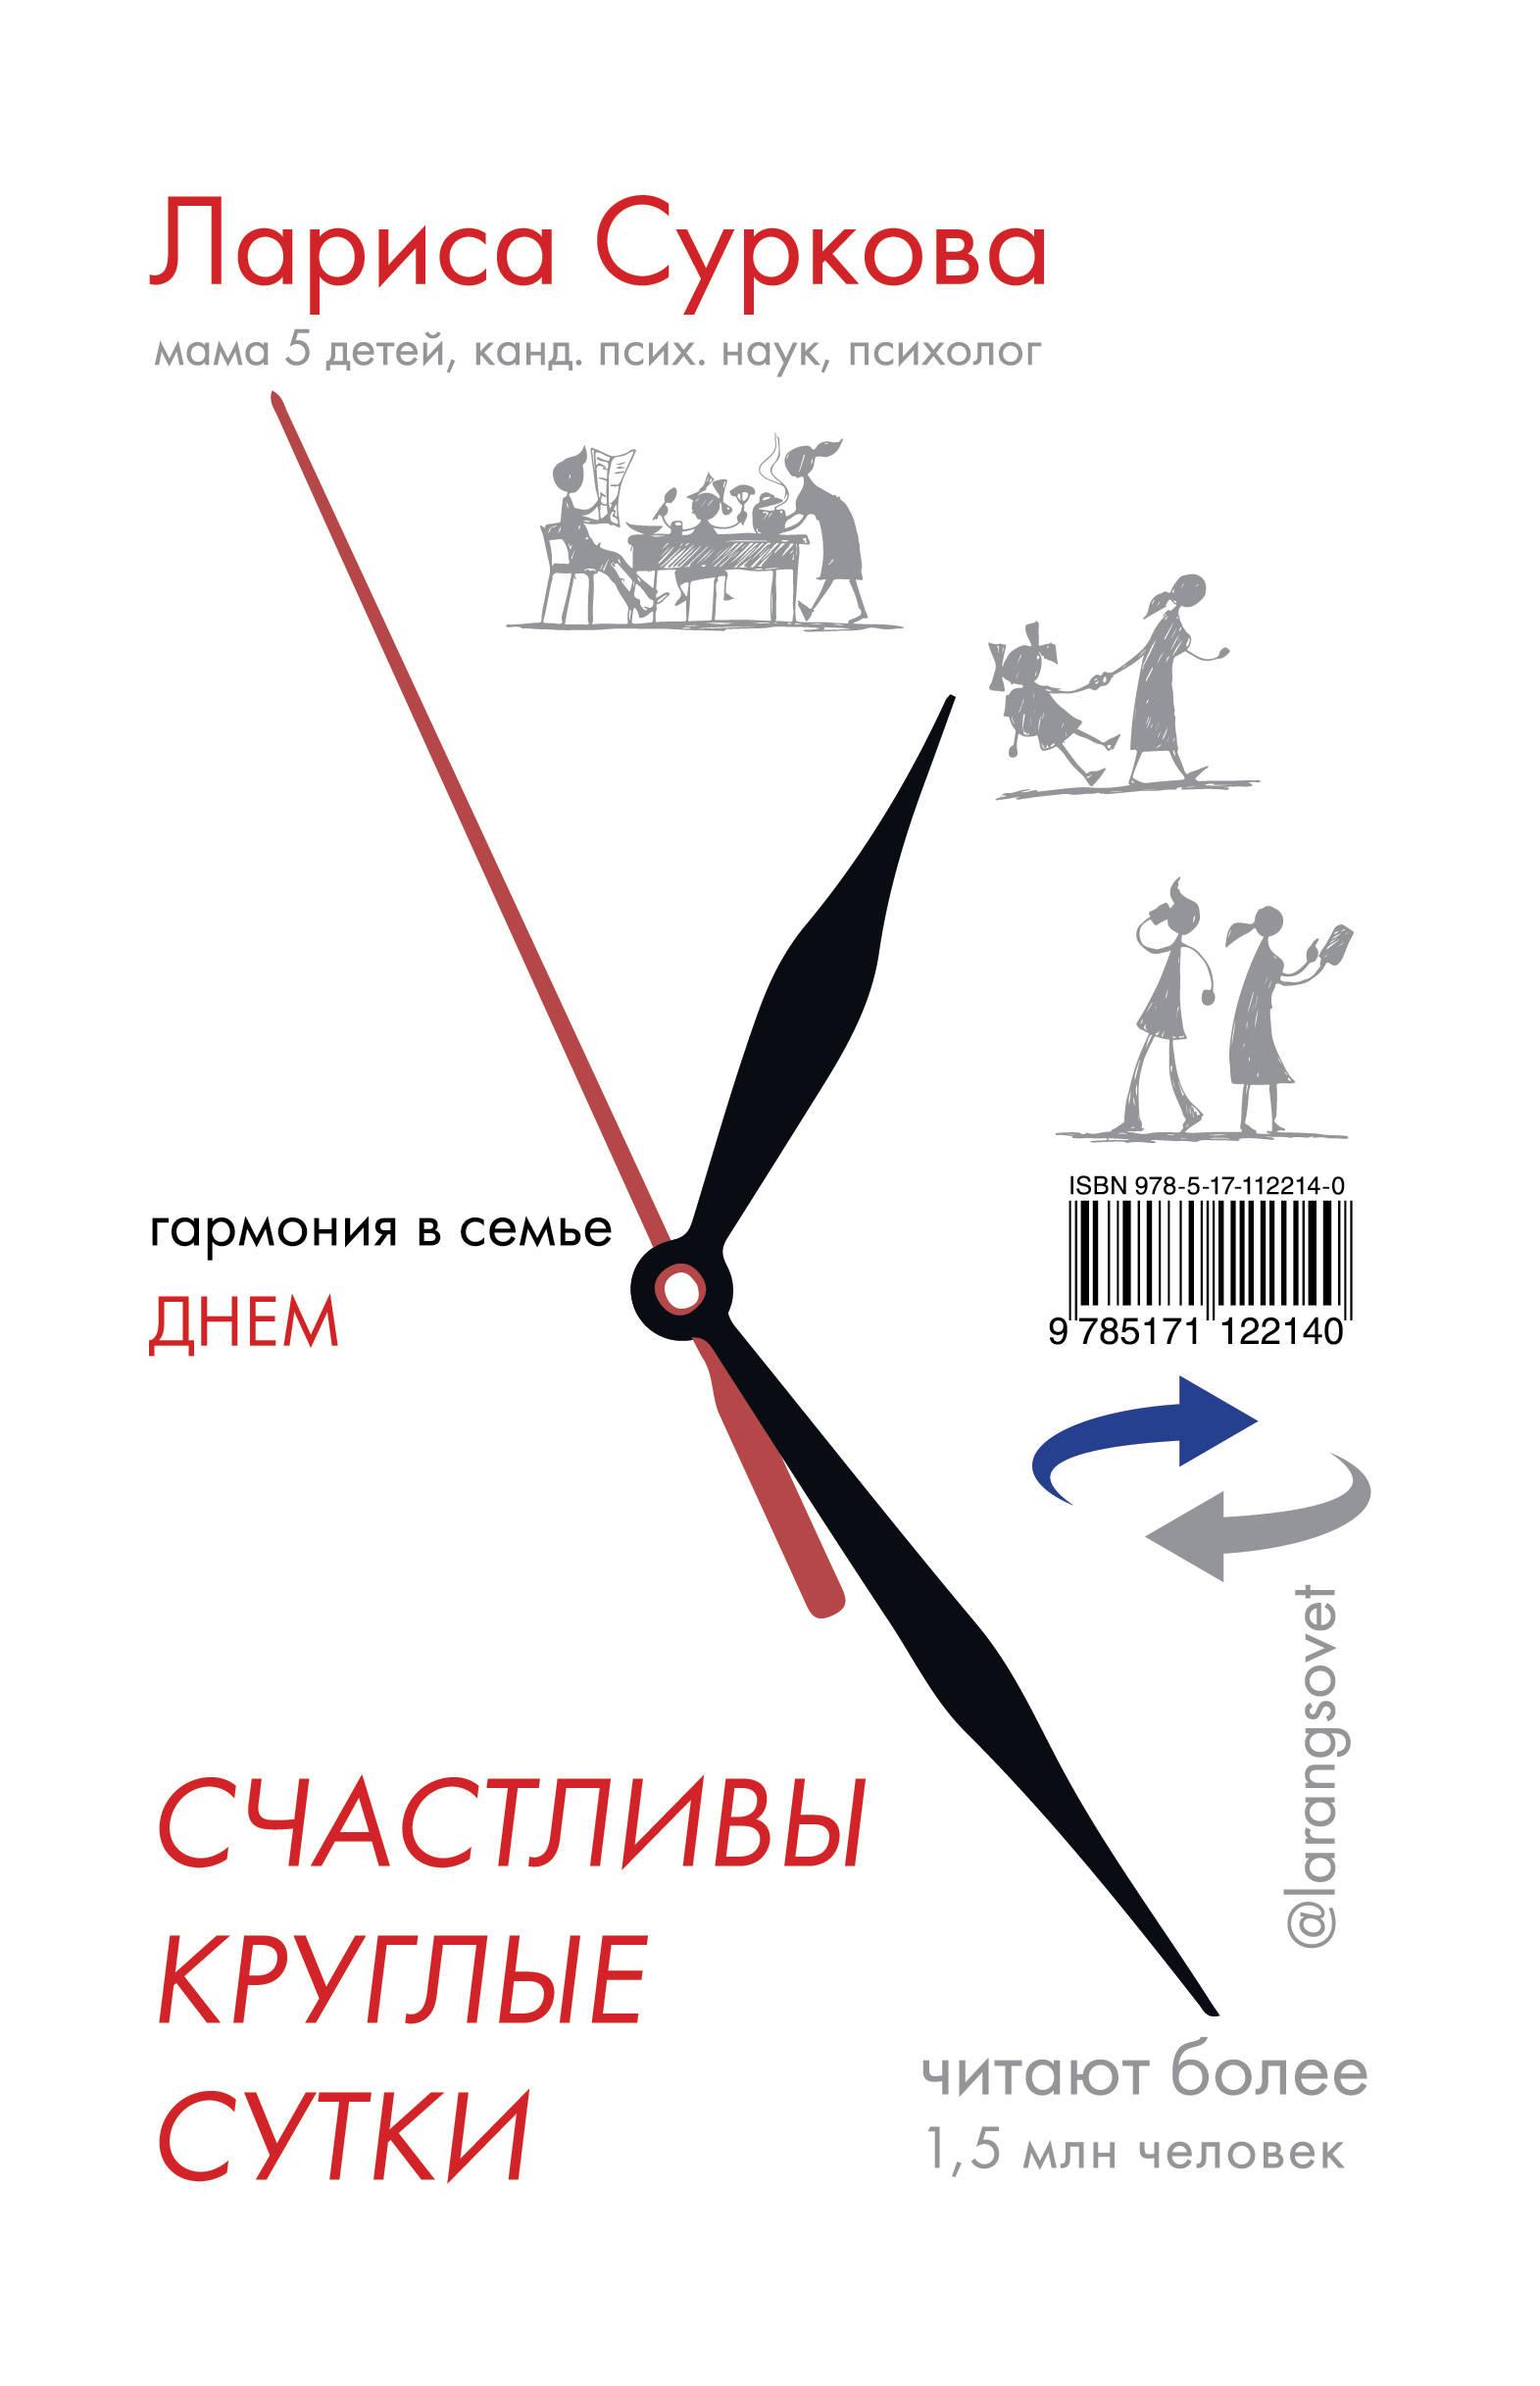 «Счастливы круглые сутки: гармония в семье днем и ночью» Лариса Суркова, Мария Эриль